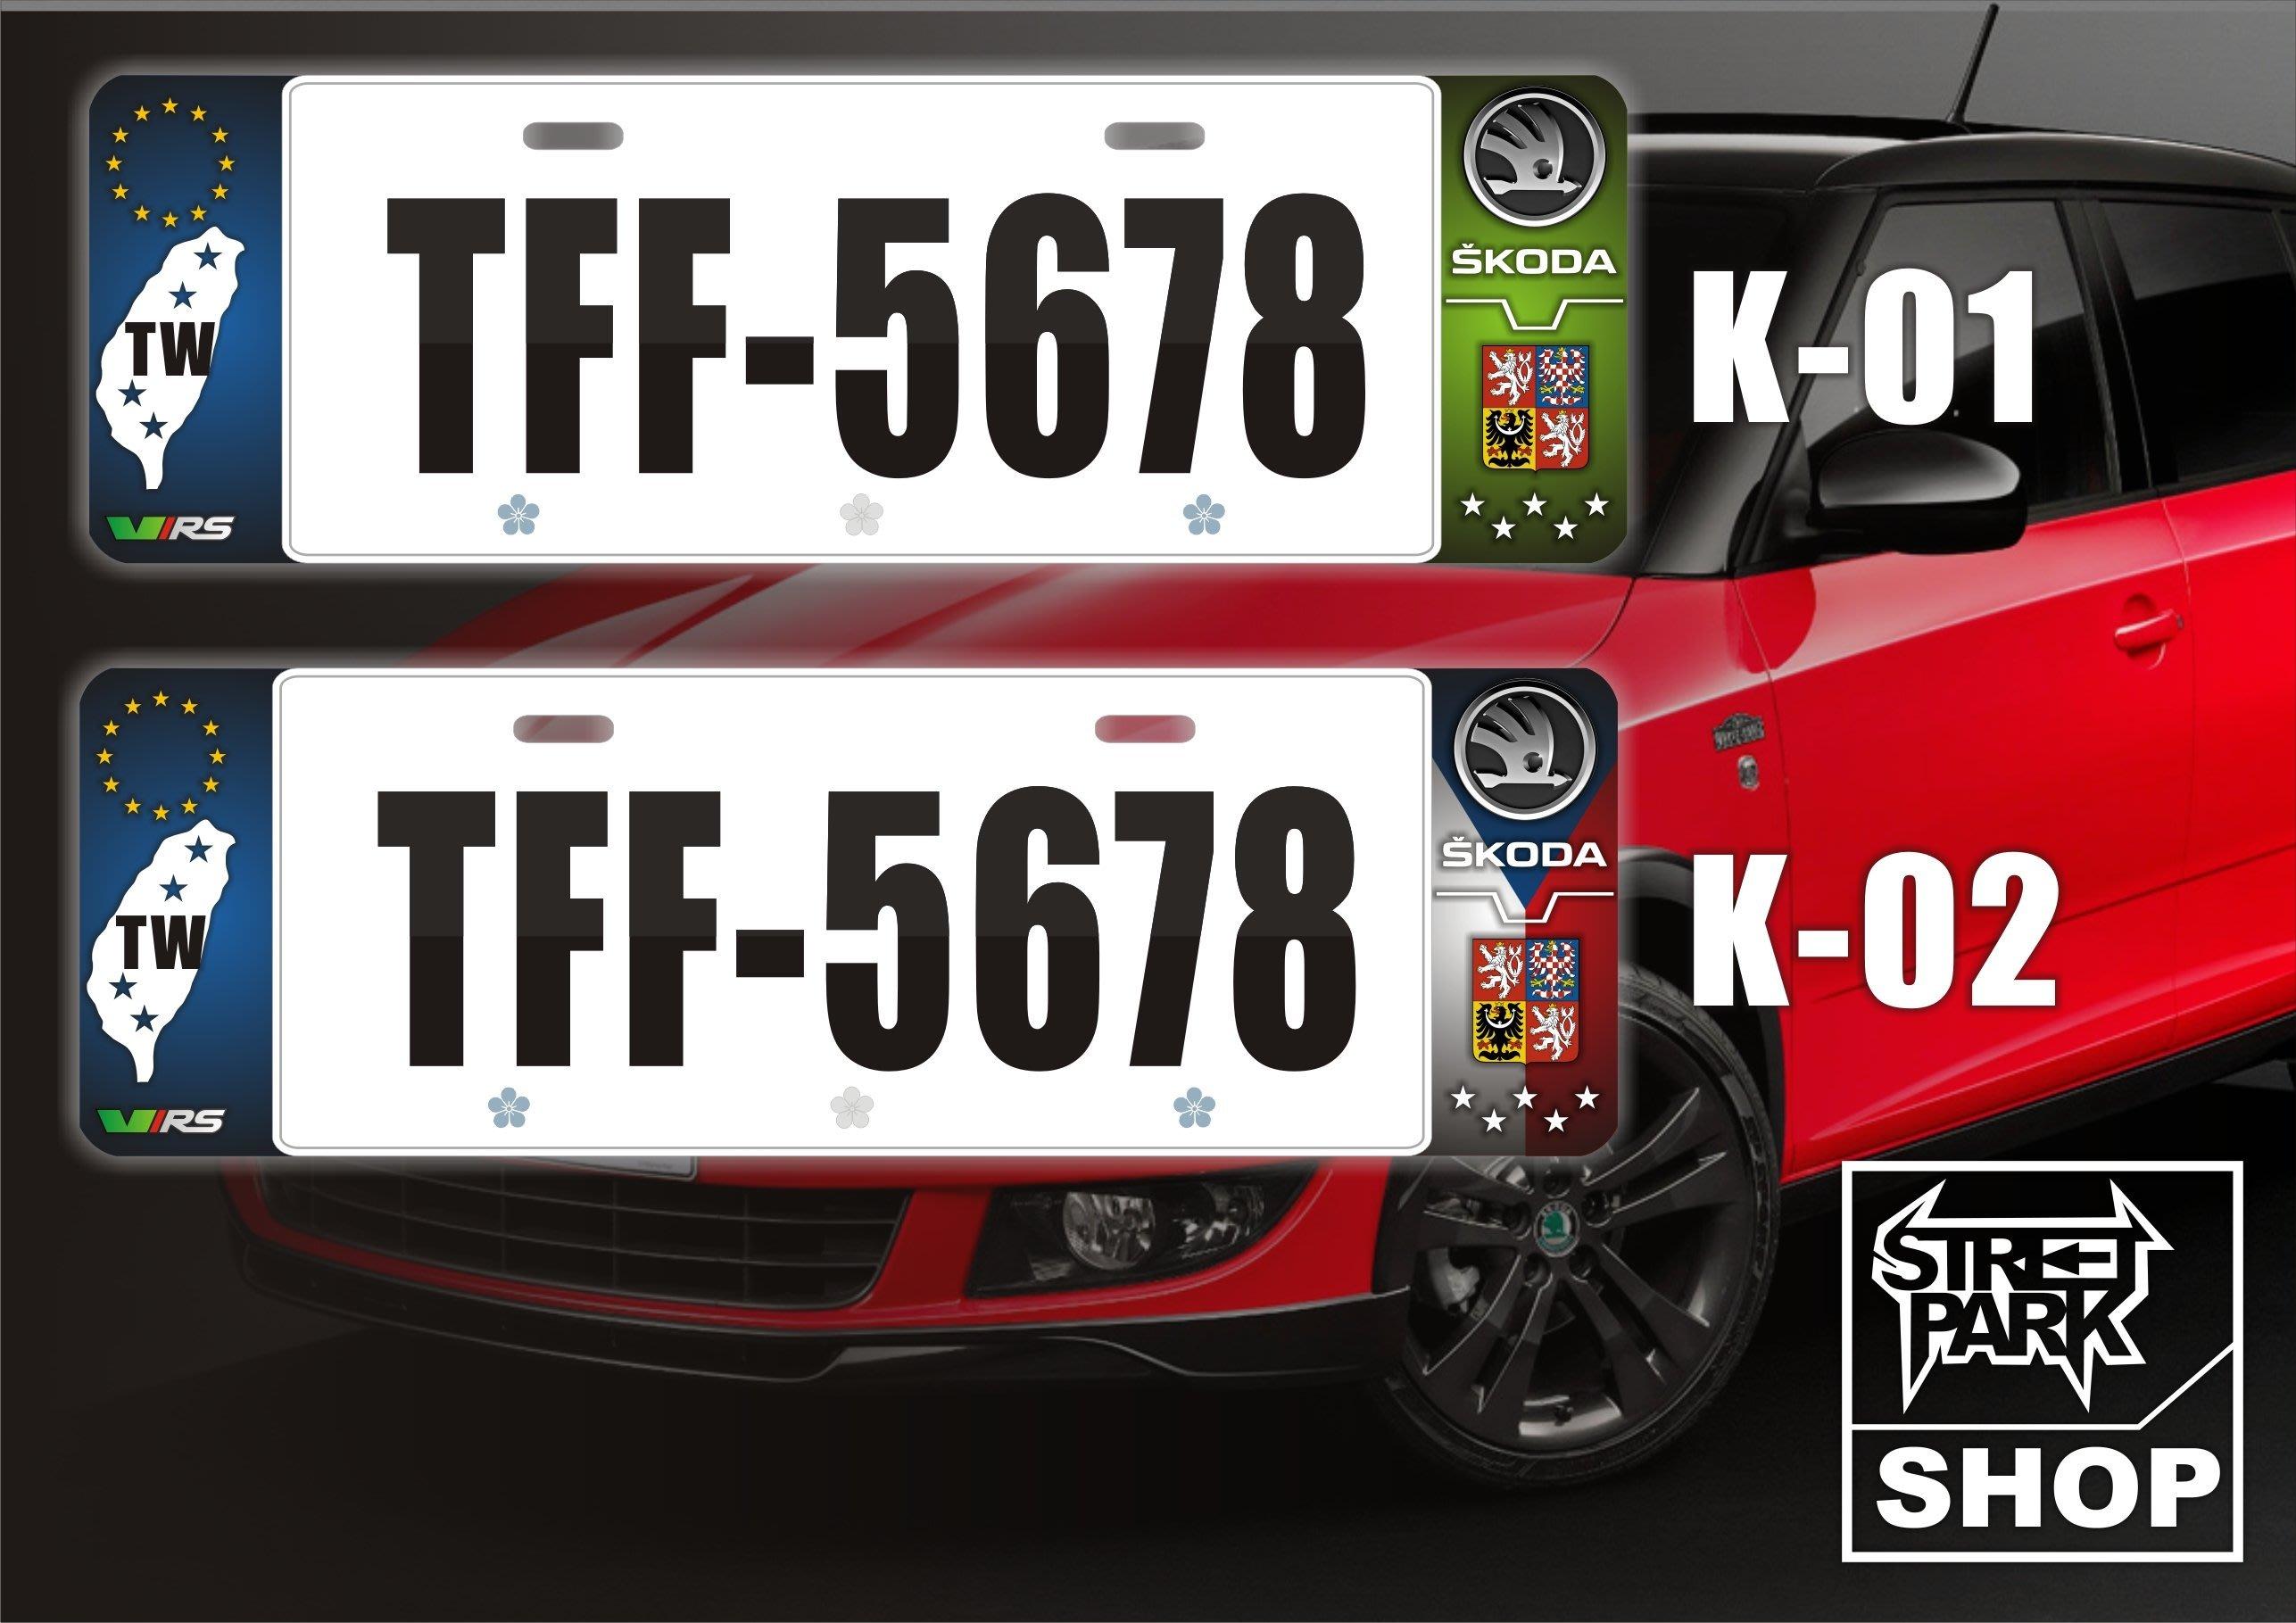 【STREET PARK】訂製 歐盟 車牌裝飾 SKODA Karoq Kodiaq 【原價780$ 特價 580$】